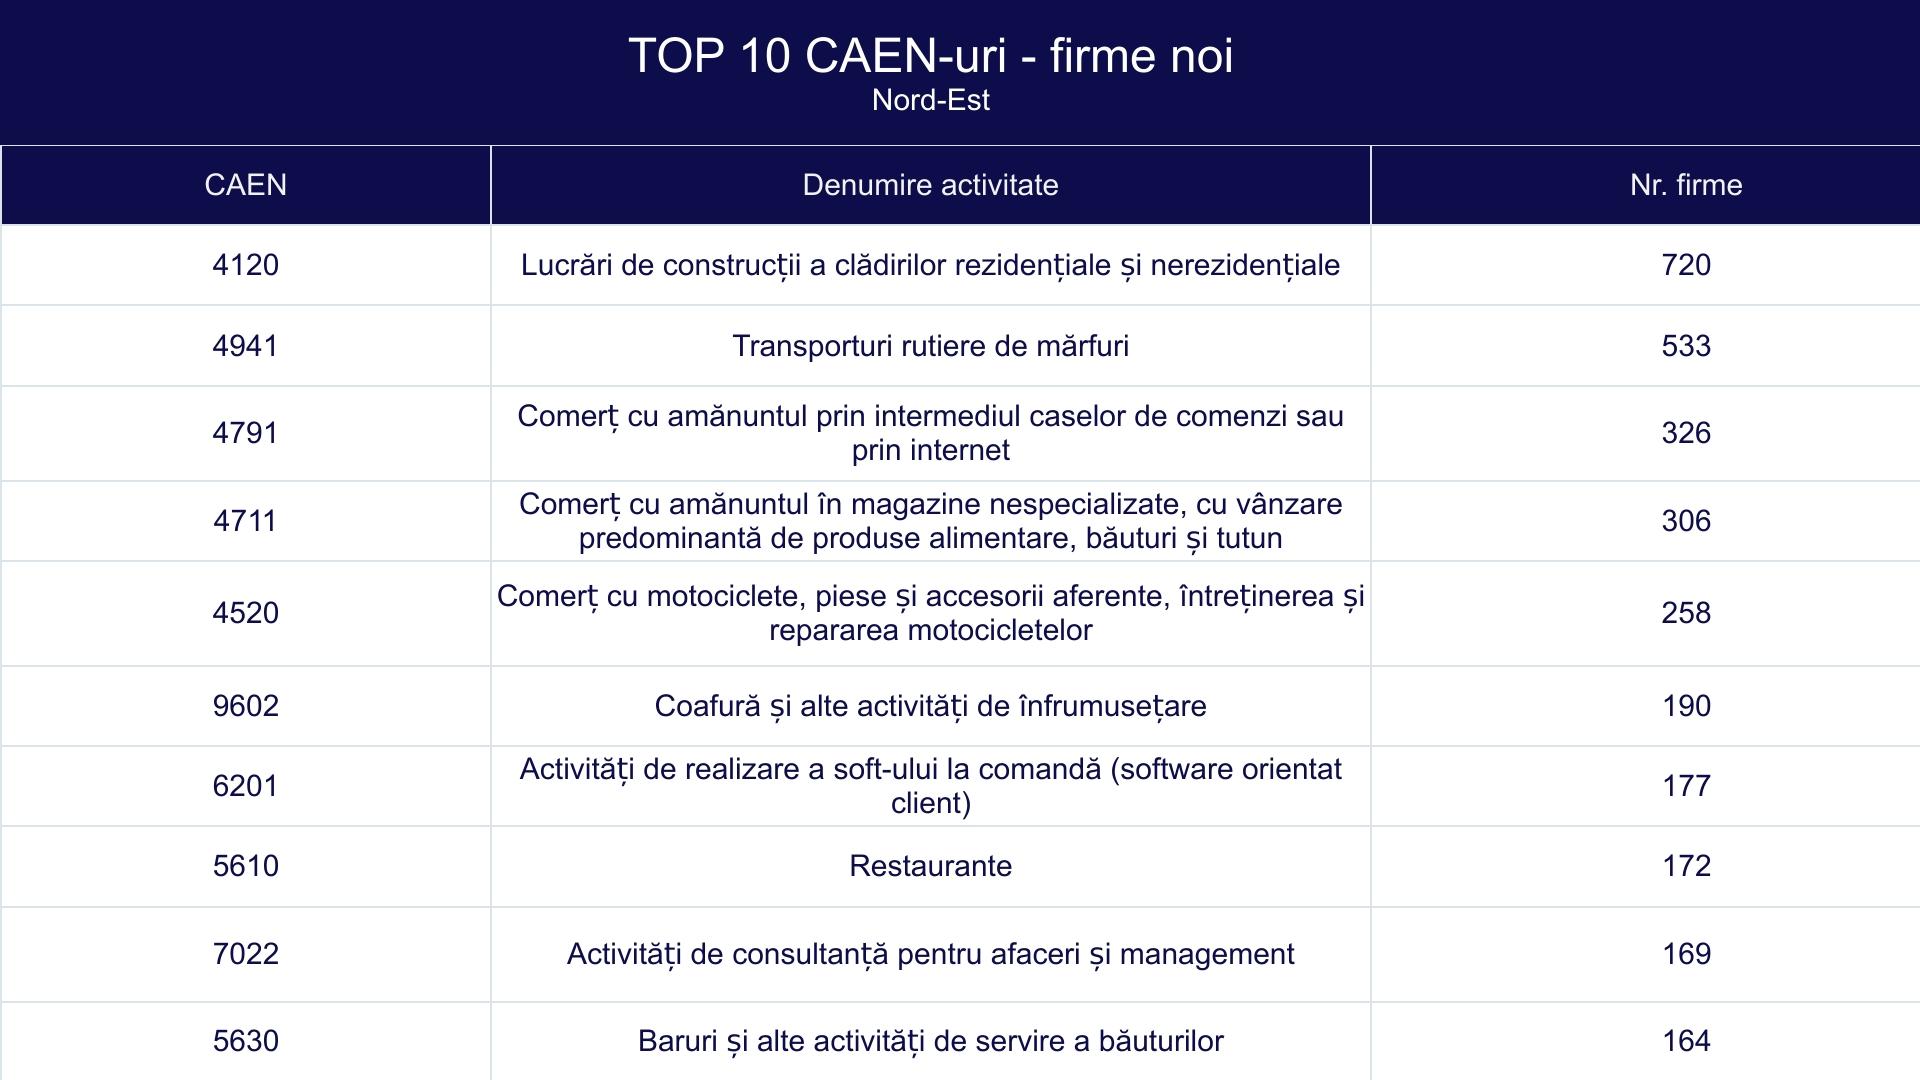 TOP 10 CAEN-uri - firme noi - Nord-Est